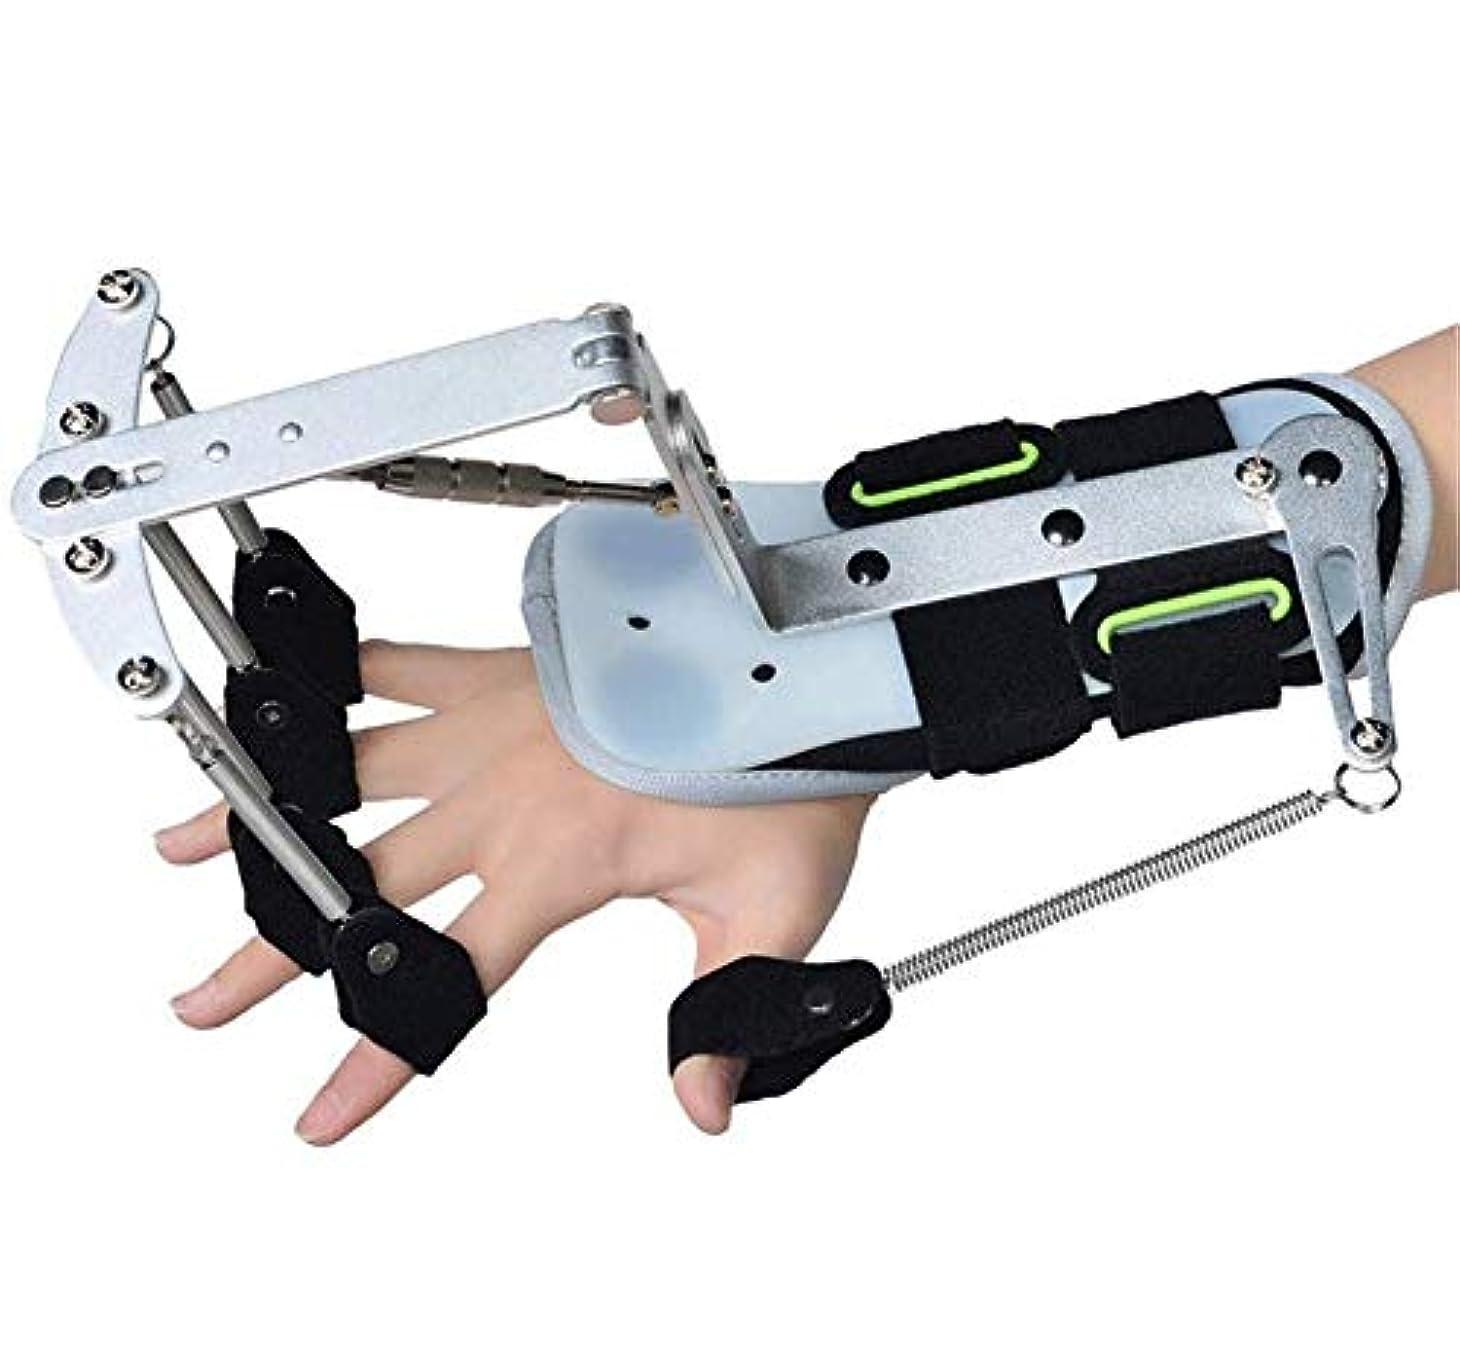 踏み台スクリューロンドン手首OrthoticsAdjustableフィンガー、フィンガートレーナーハンドリハビリトレーニング指装具脳卒中片麻痺患者のあこがれ演習修復のため